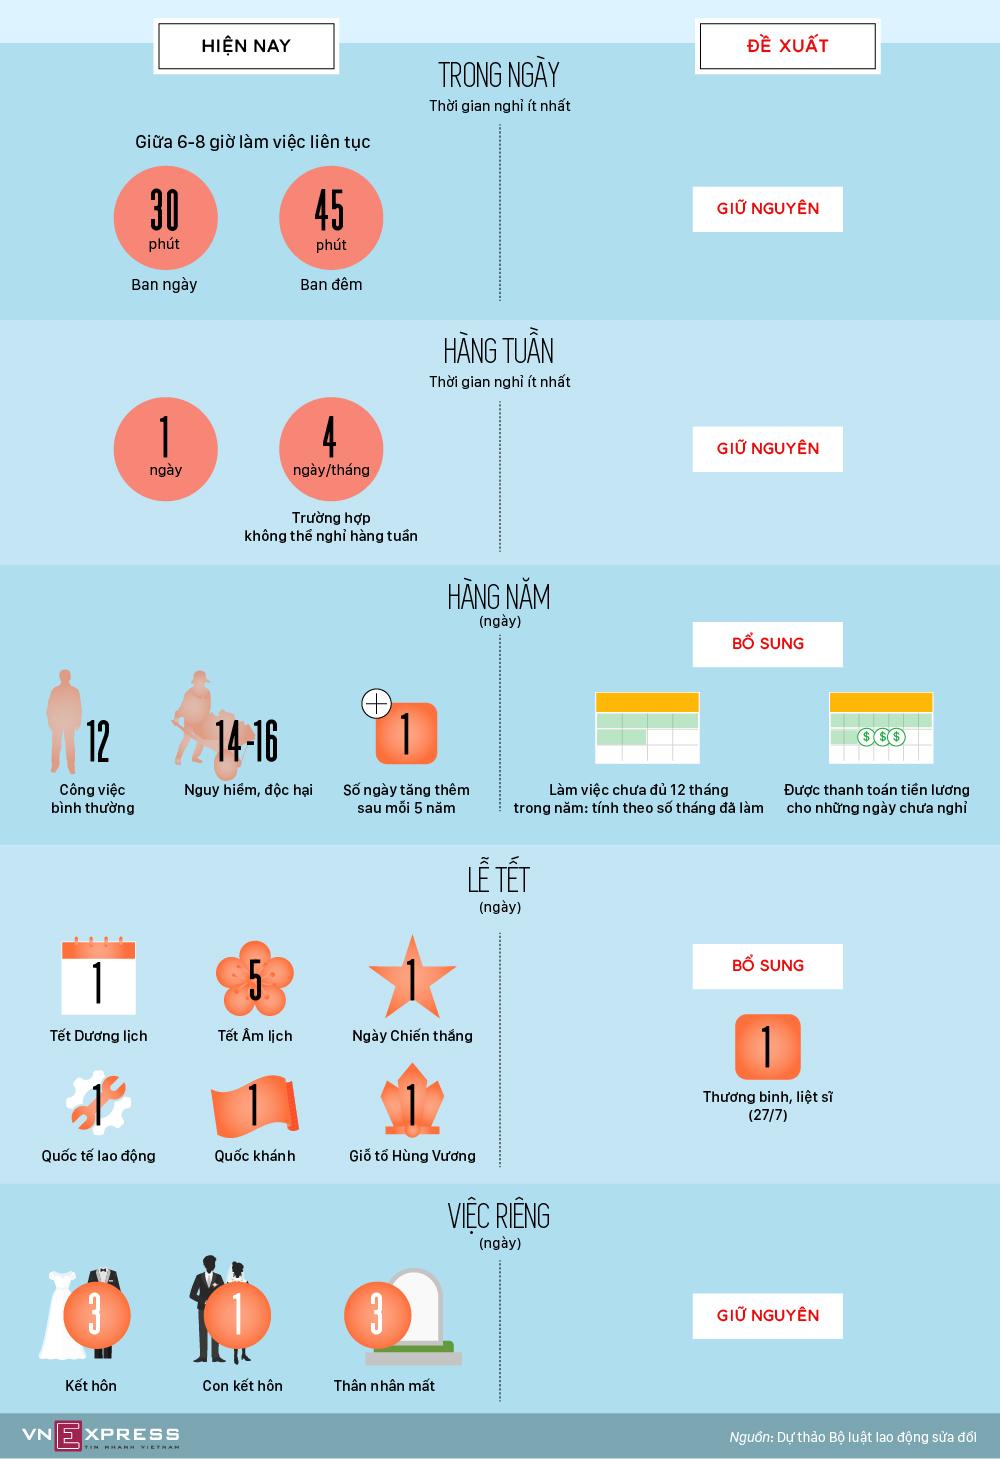 Thời gian nghỉ của người lao động có thể thay đổi thế nào?